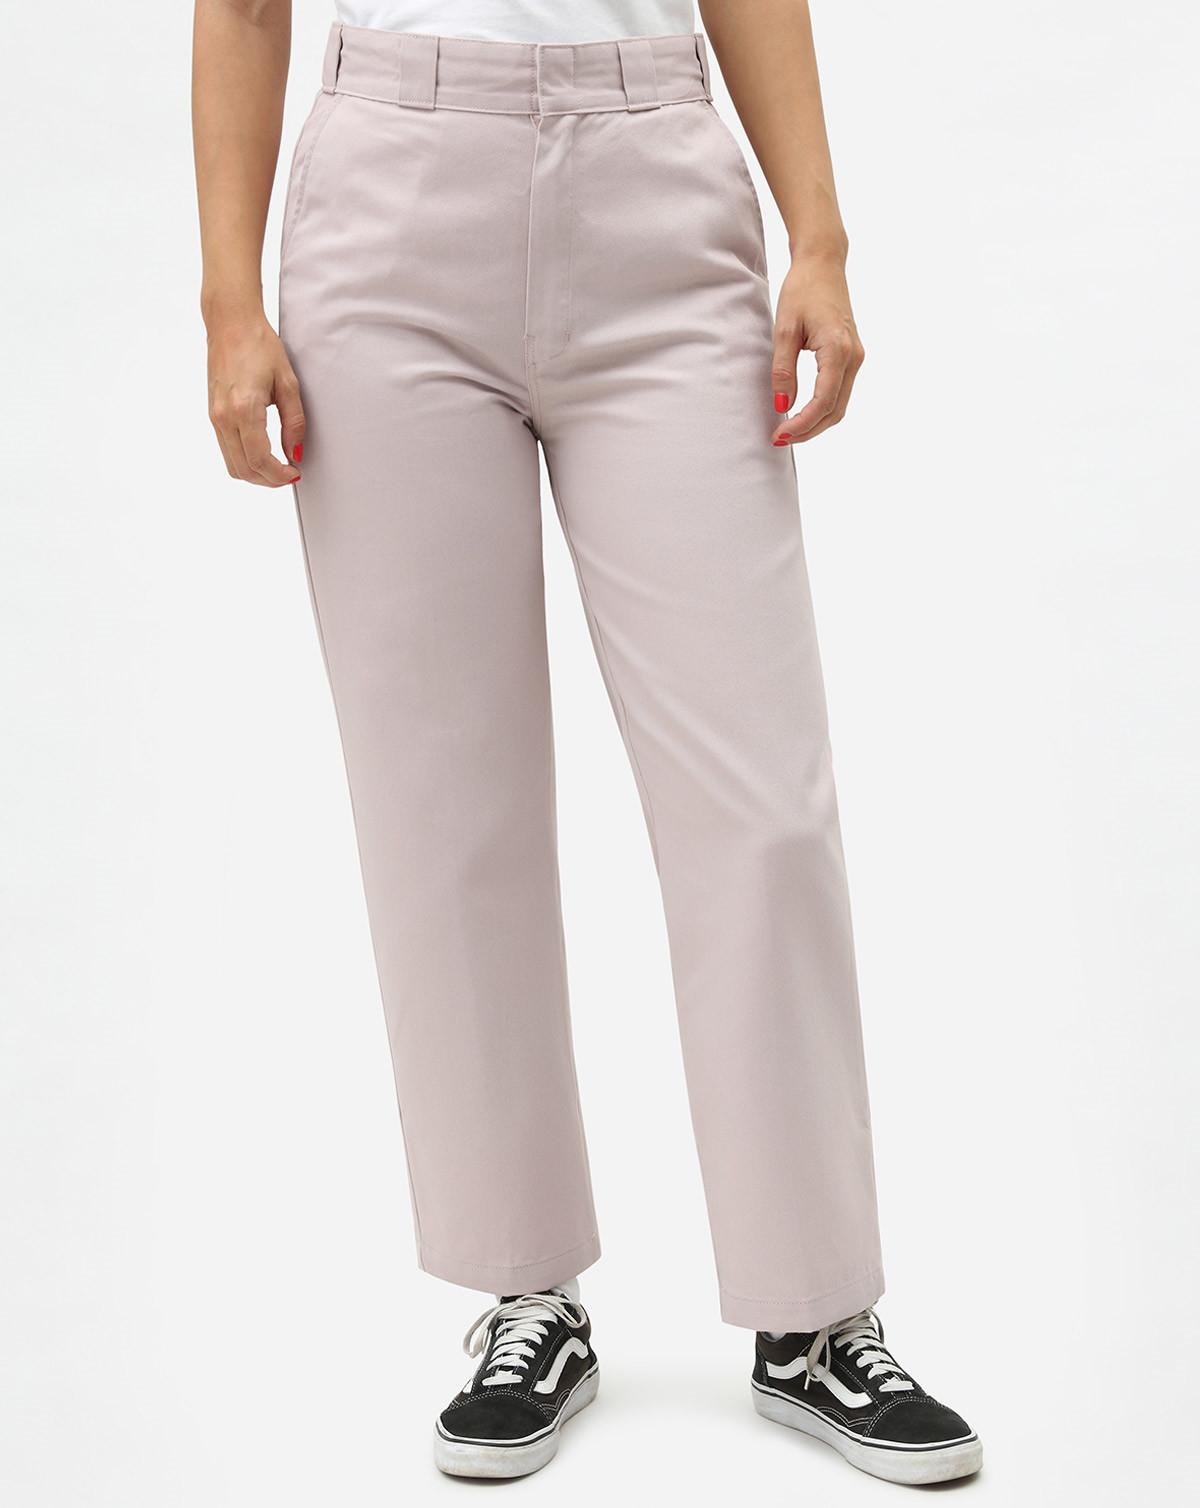 Køb Dickies Elizaville Bukser Work Pants, Normal Passform | Enkel Retur | DickiesToWear.eu